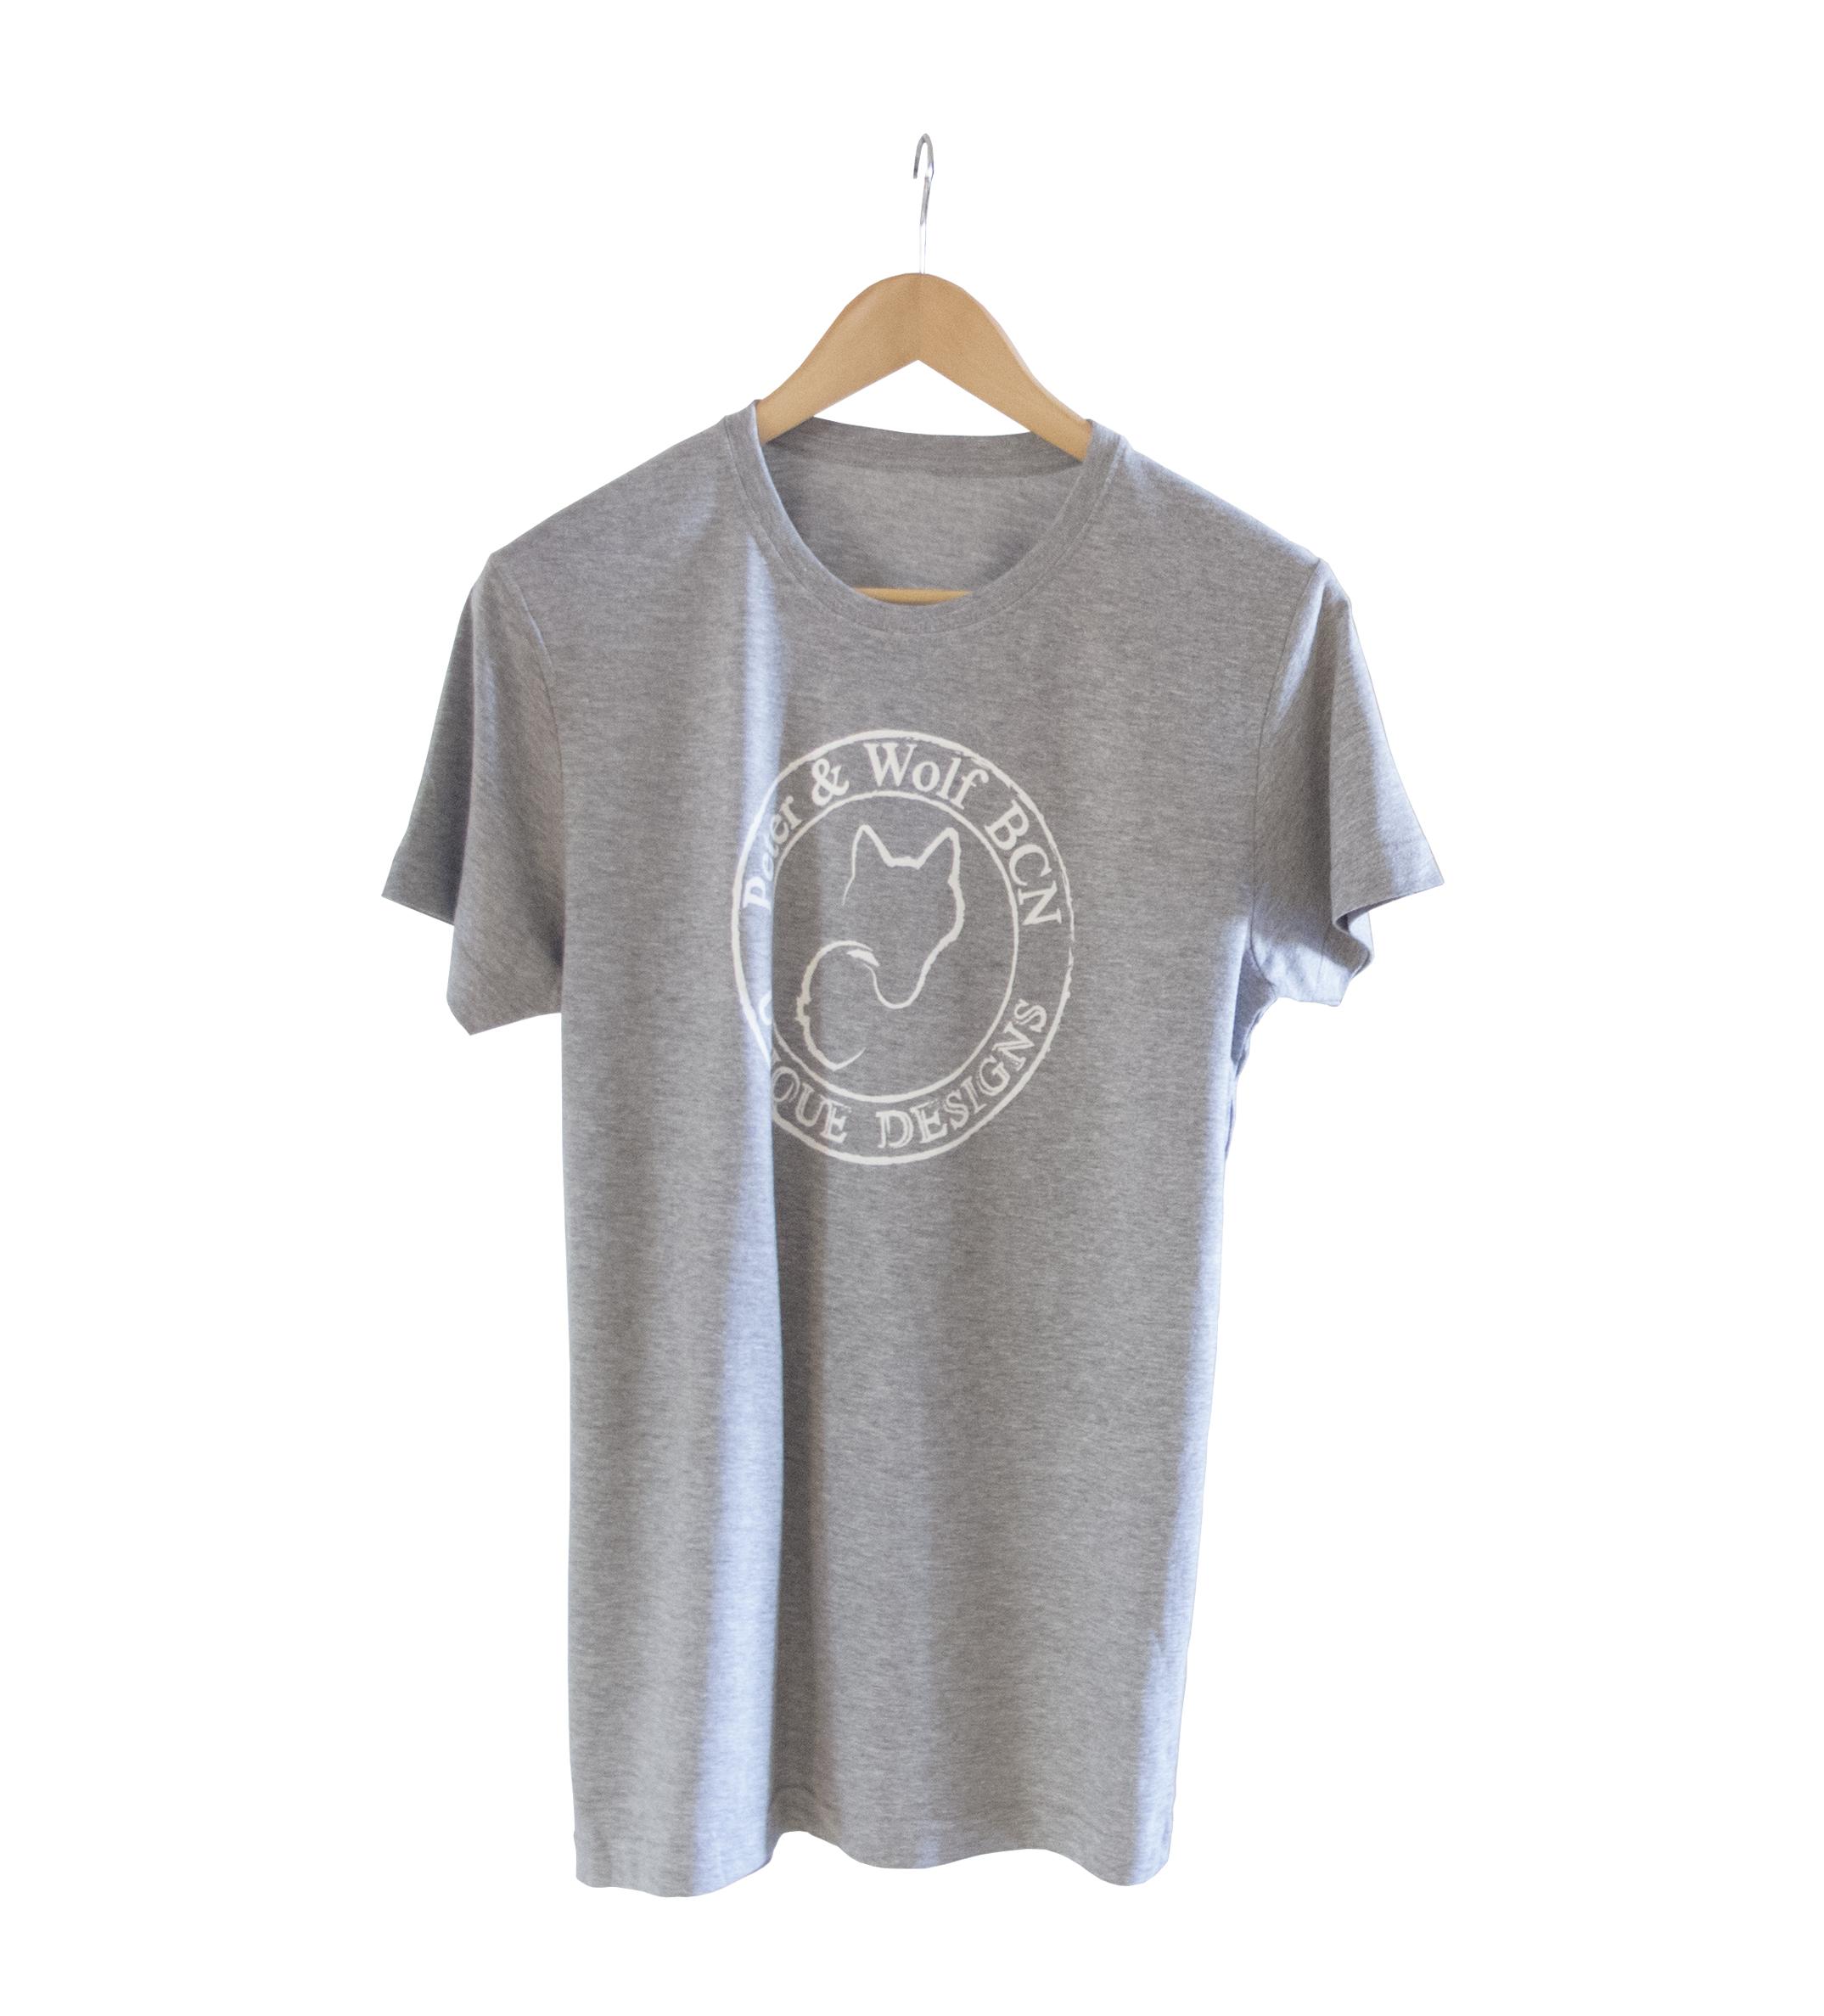 grey_tshirt_w_stamp_2